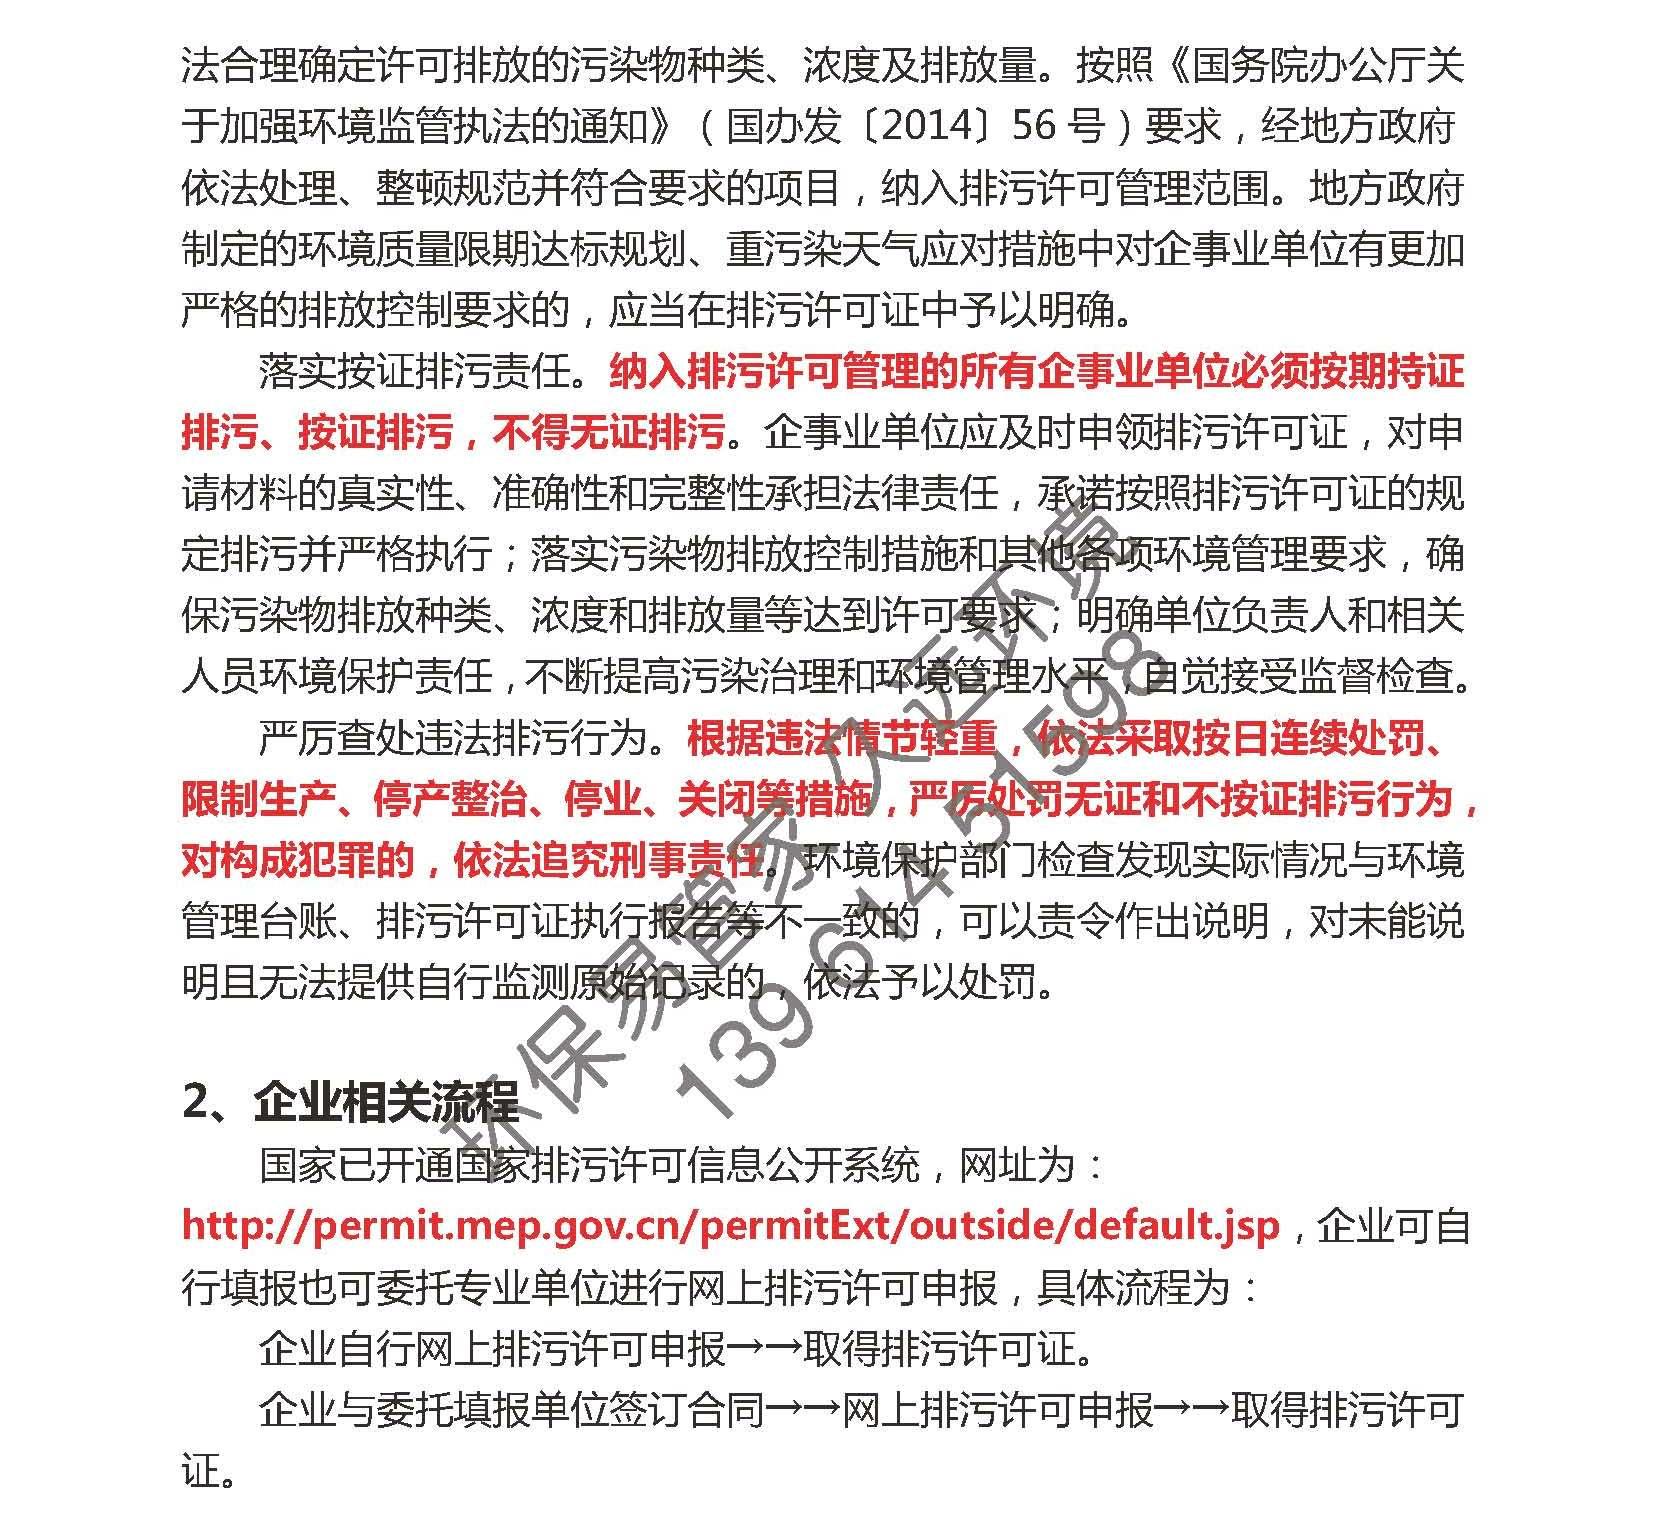 排污许可 文字材料_页面_2